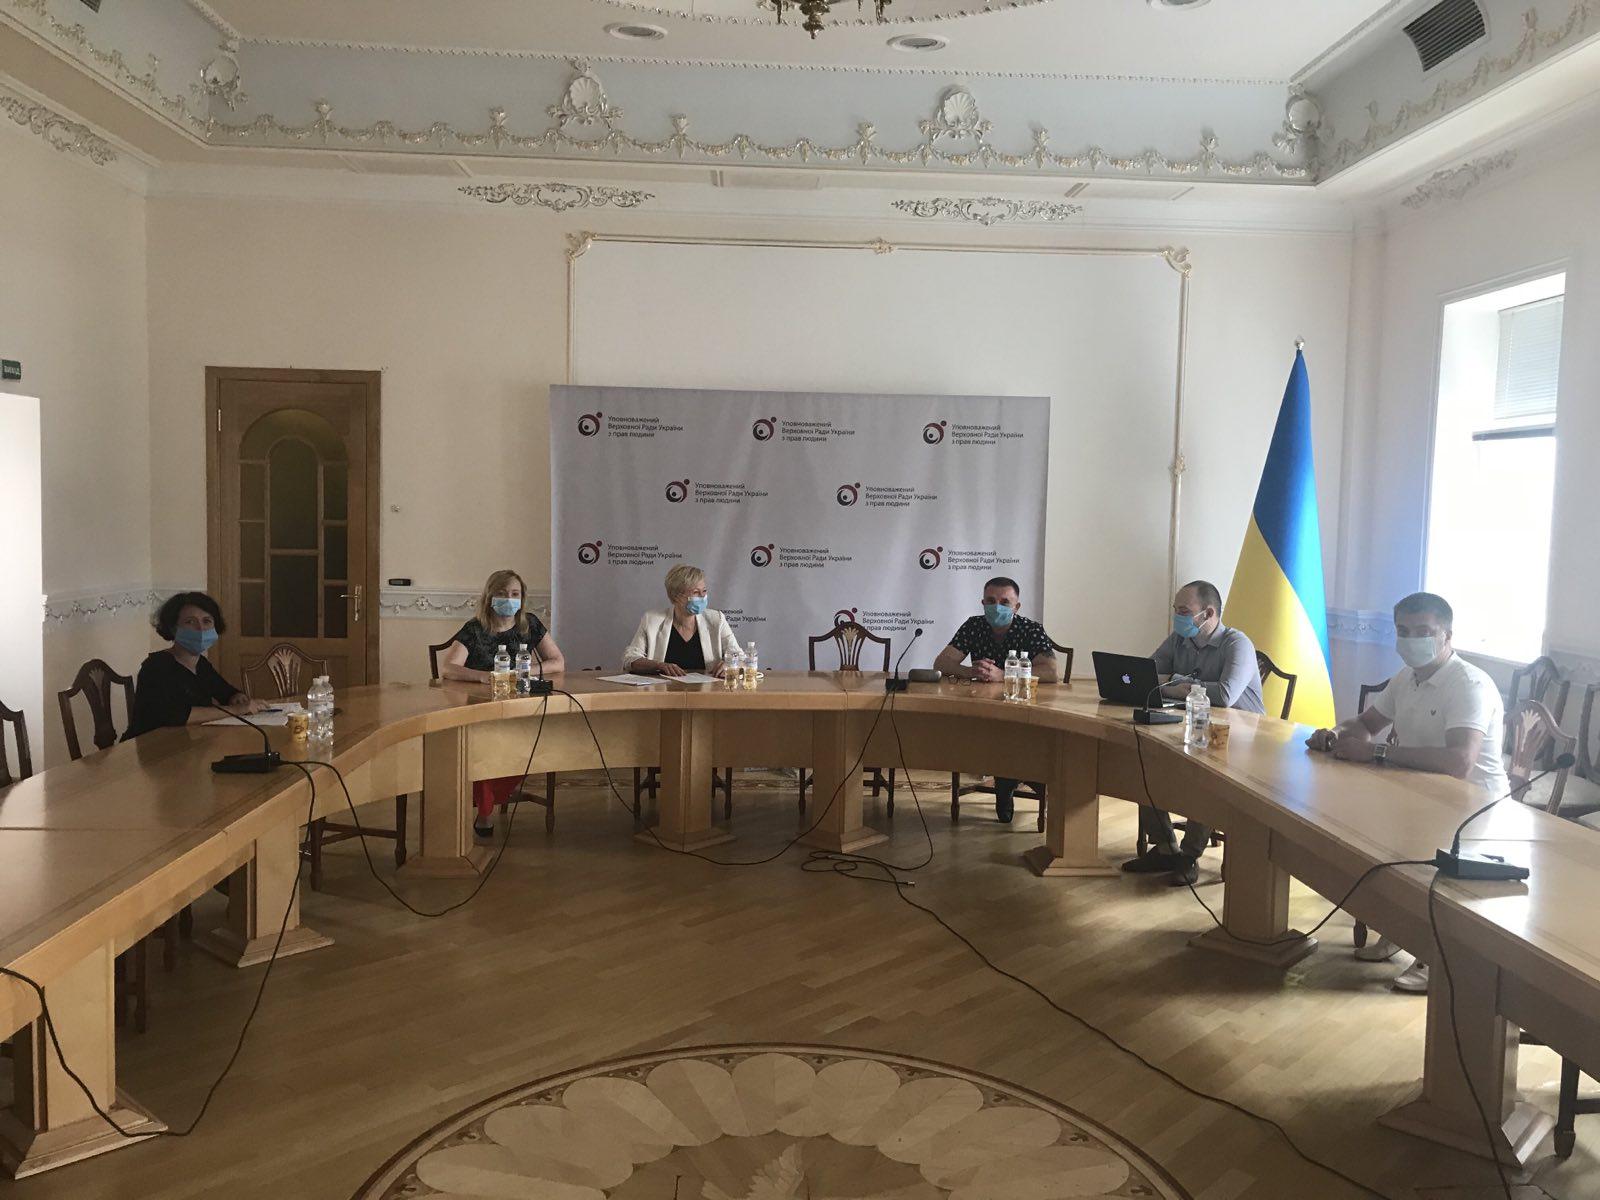 Засідання робочої групи з відбору і навчання моніторів НПМ при Уповноваженому ВРУ з прав людини.